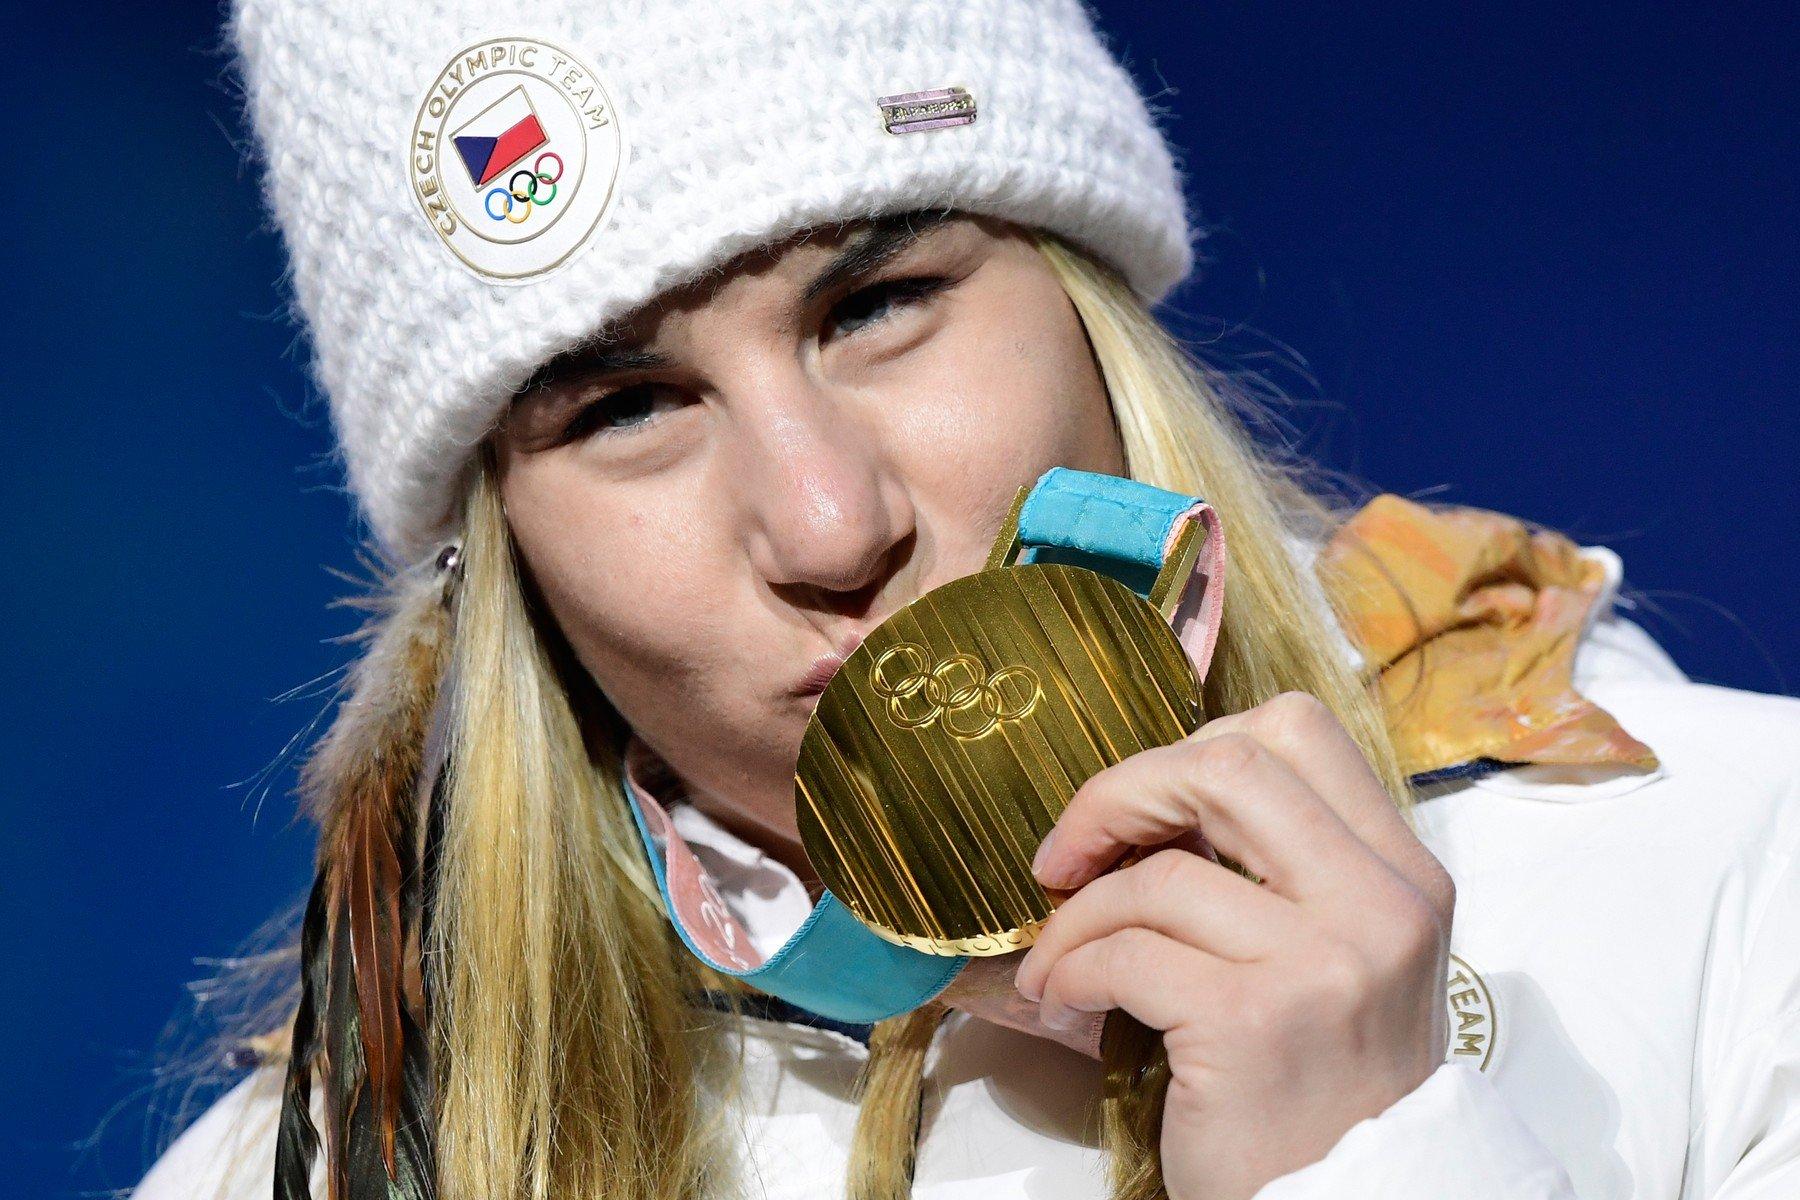 Ledecká si zlatem podmanila svět, možná největší příběh olympijské historie, píší zahraniční média